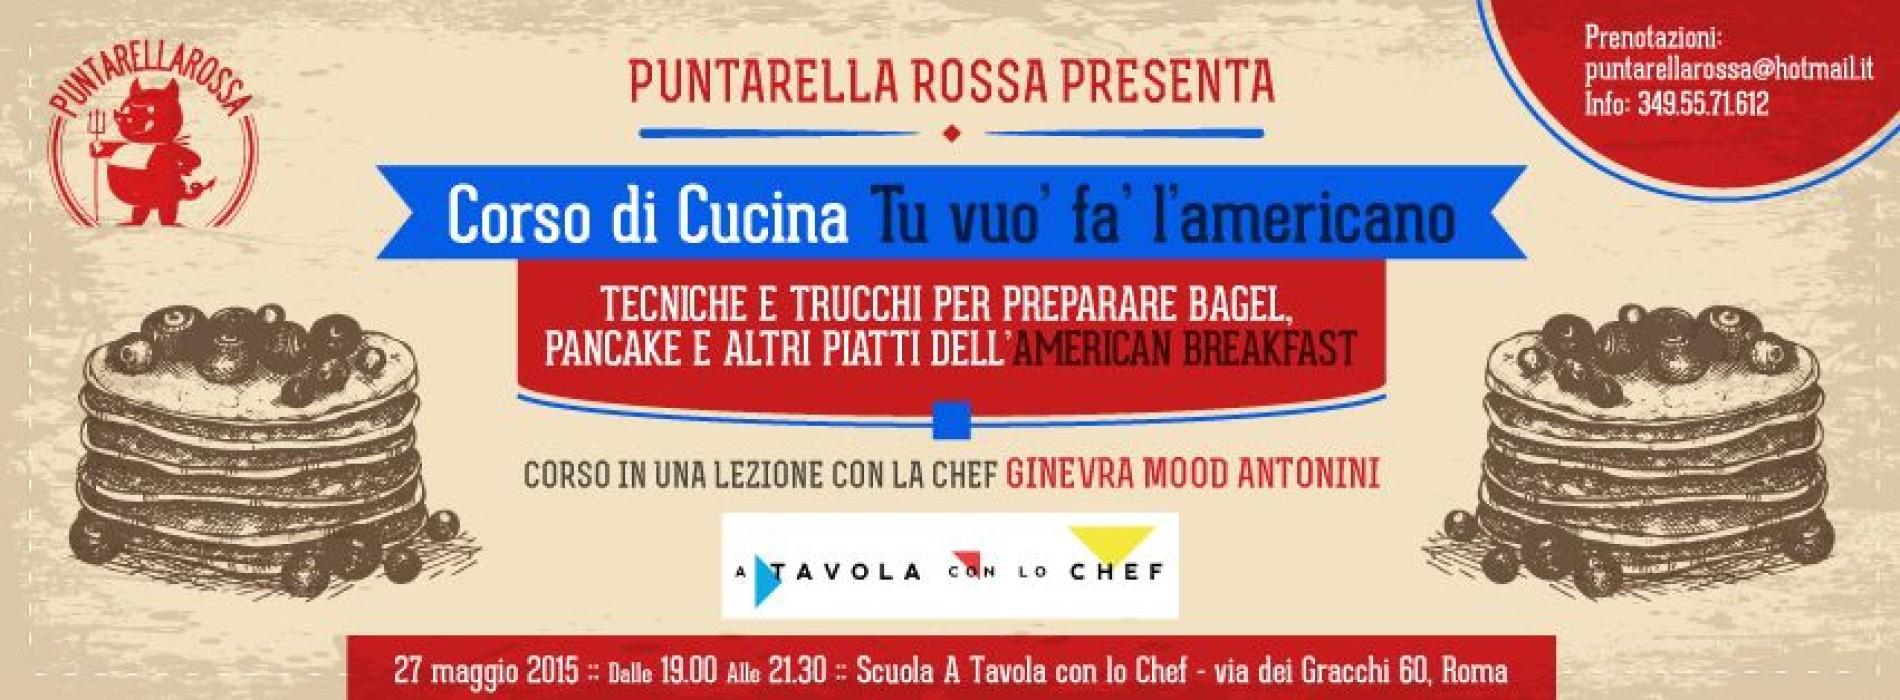 Corso di cucina americana a roma di puntarella rossa - Corso cucina cannavacciuolo prezzo ...